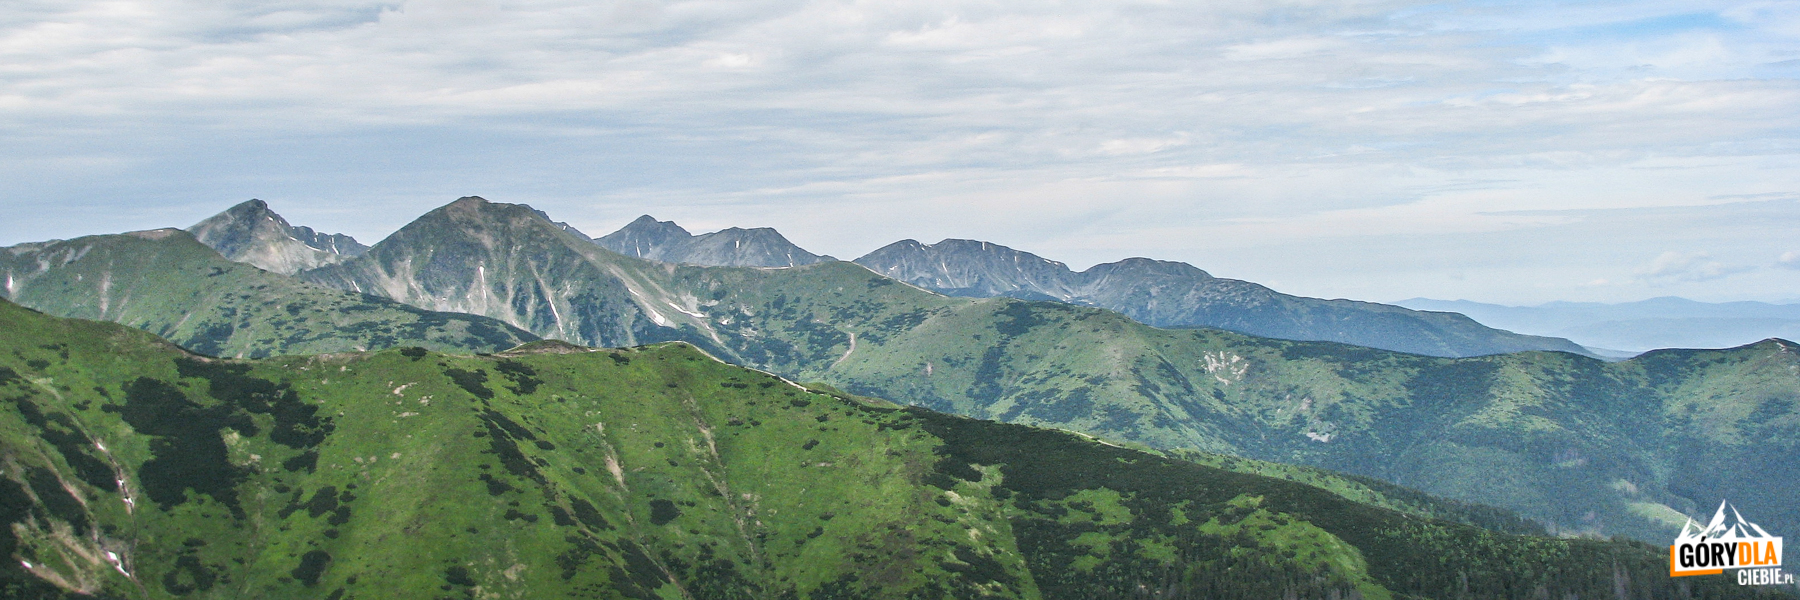 Widok zSuchego Wierchu Ornaczańskiego (1832 m) - odlewej: Rohacze, Wołowiec (2063 m), Pachoł (2176 m), Spalona Kopa (2083 m), Salatyn (2048 m) iBrestowa (1934 m)